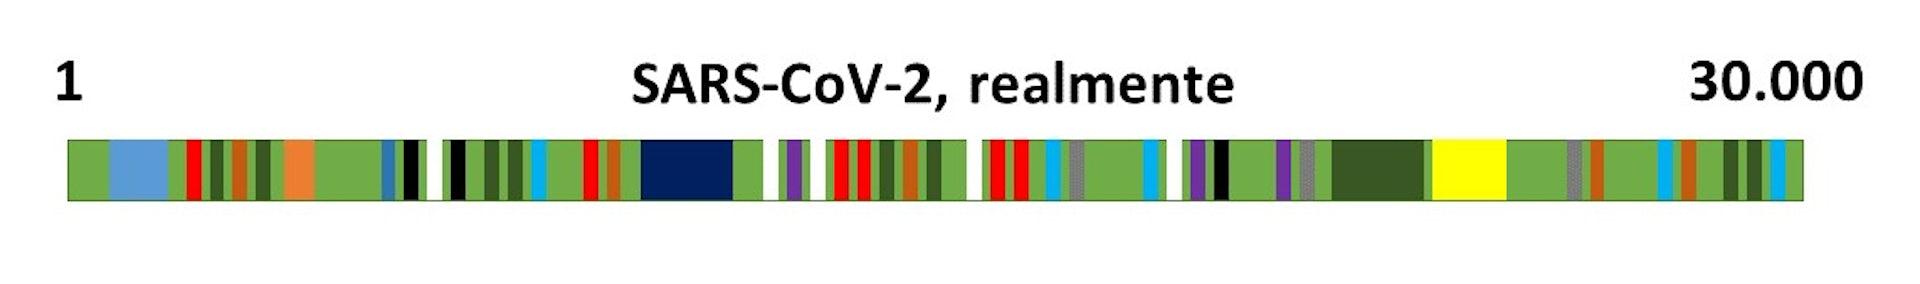 Representación del genoma de SARS-CoV-2. Elaboración propia.